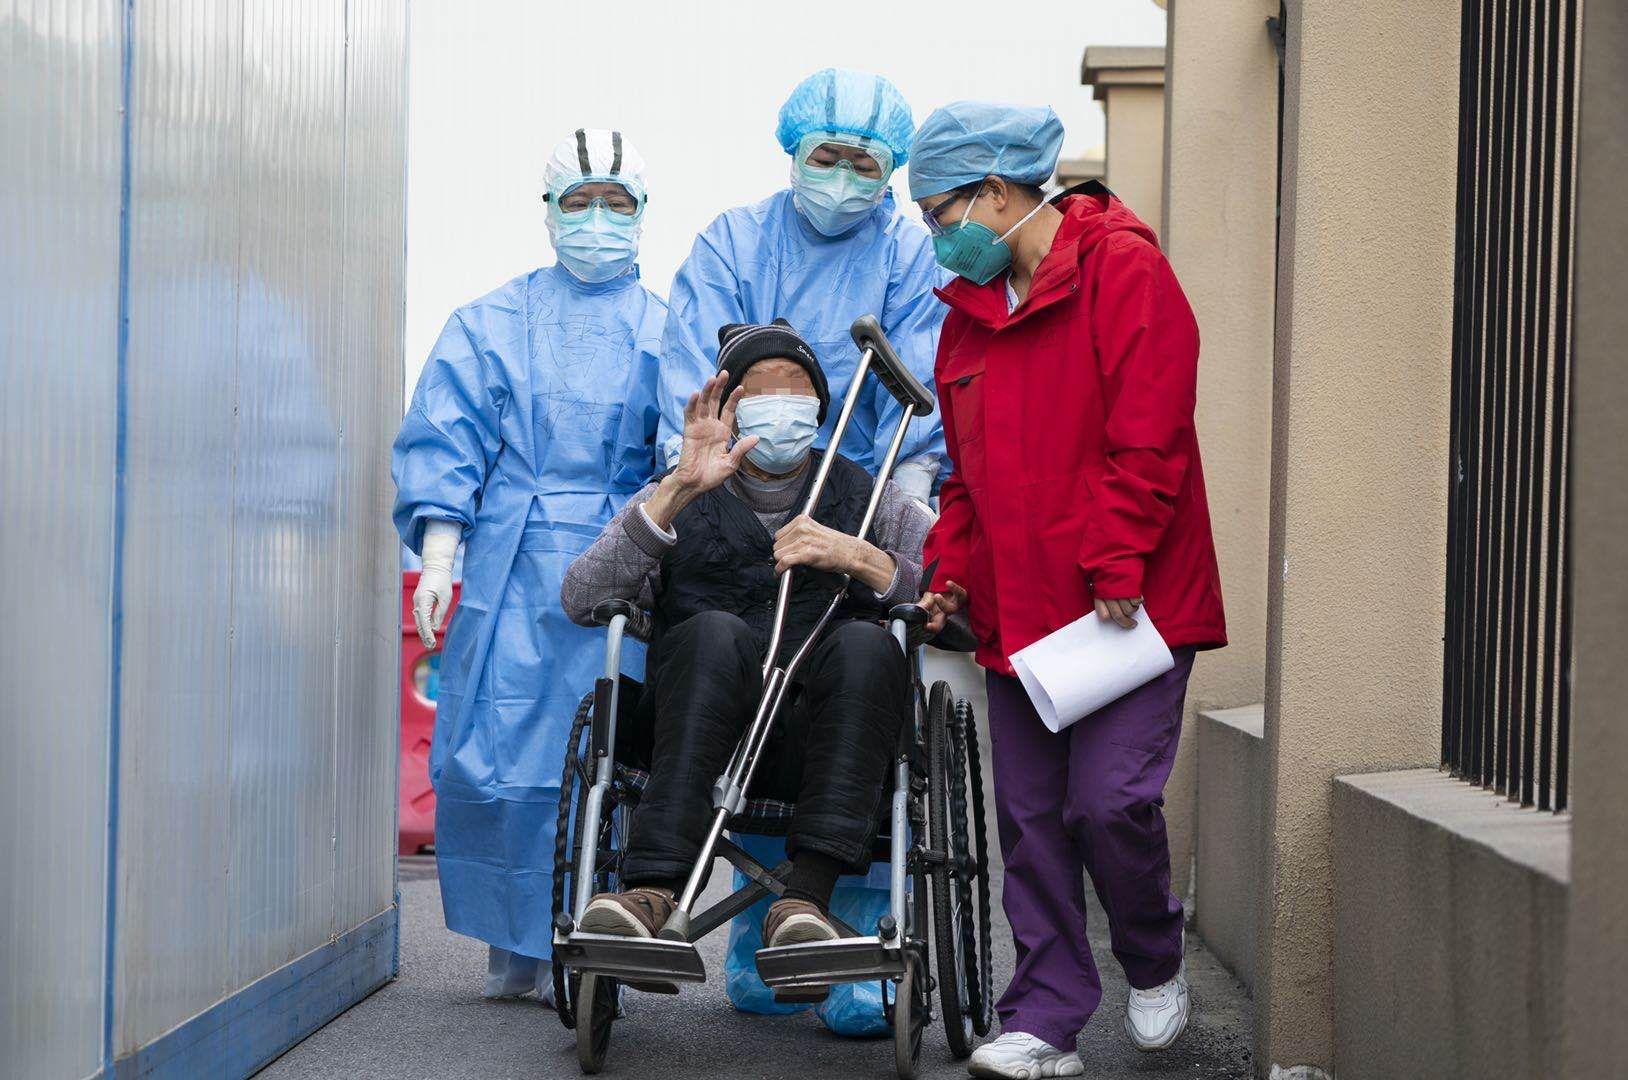 91岁高龄新冠患者出院 曾自拔针头放弃求生图片